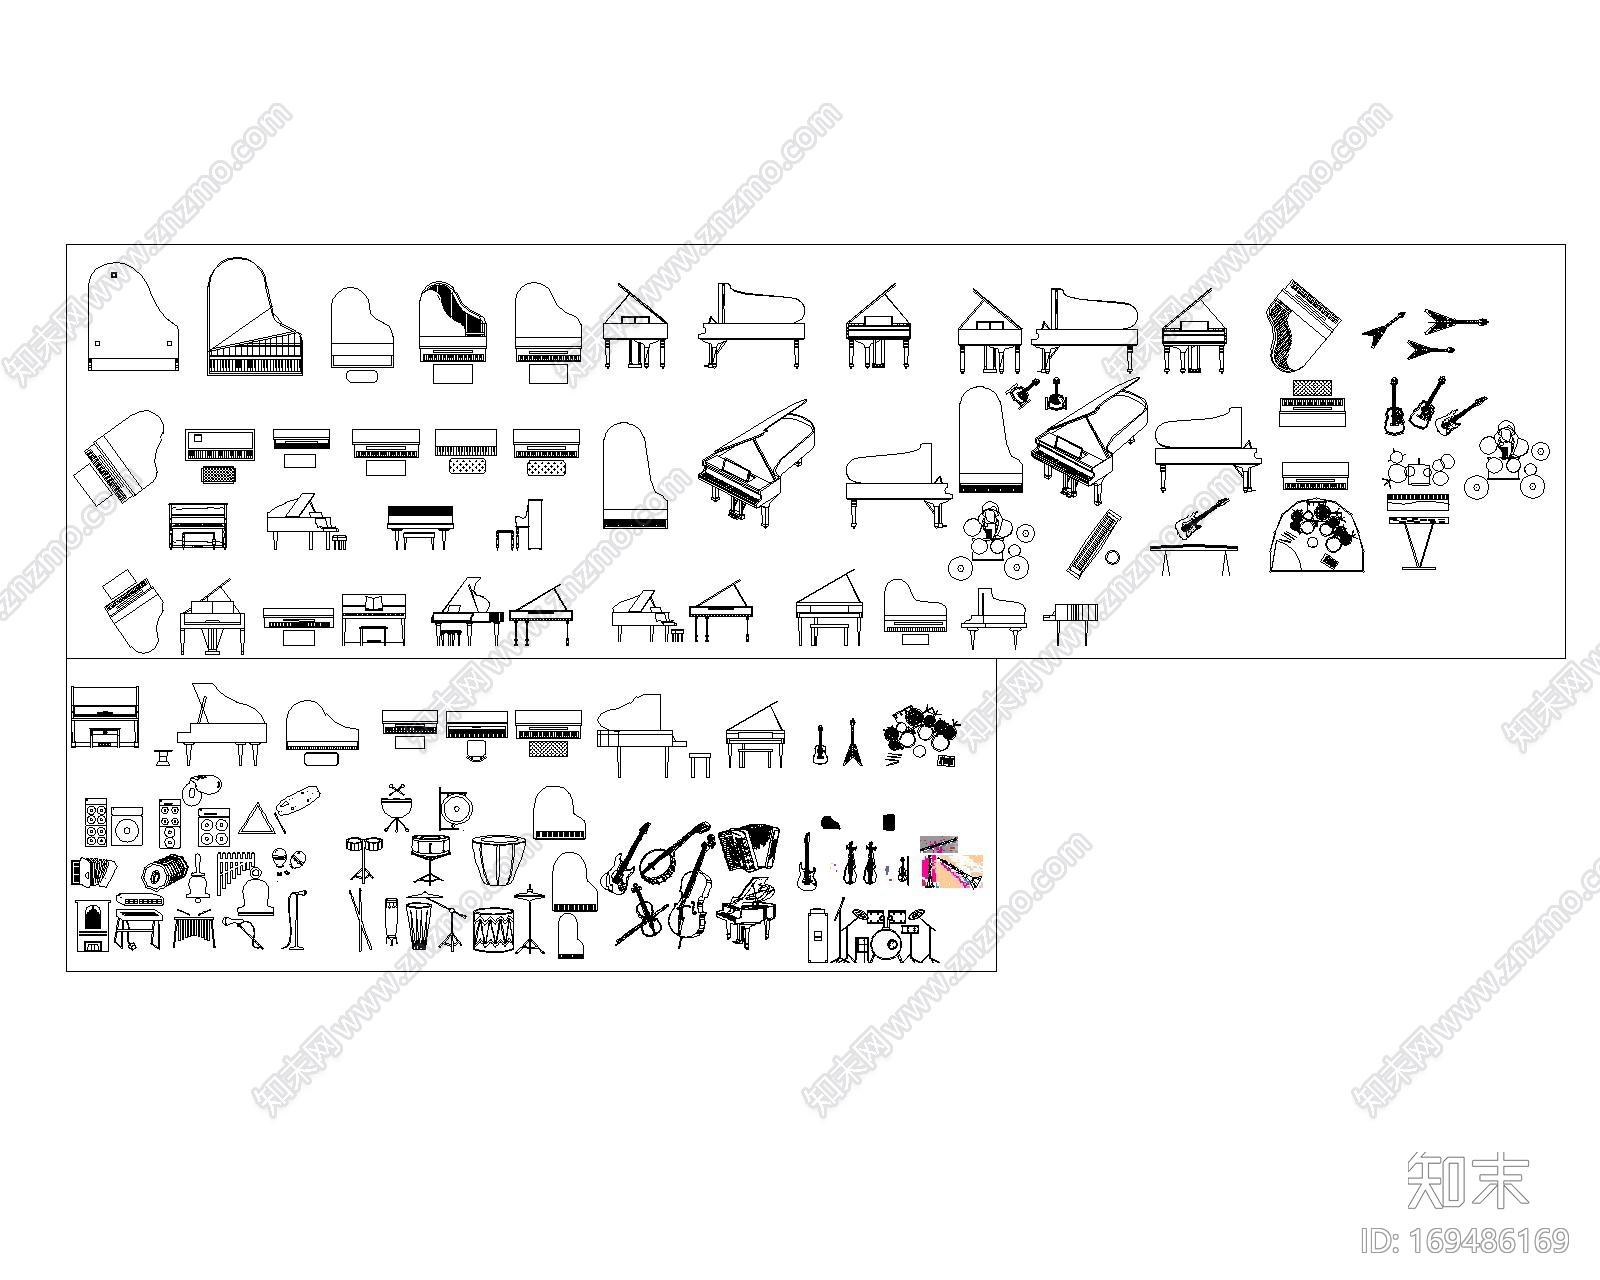 乐器CAD图块施工图下载【ID:169486169】